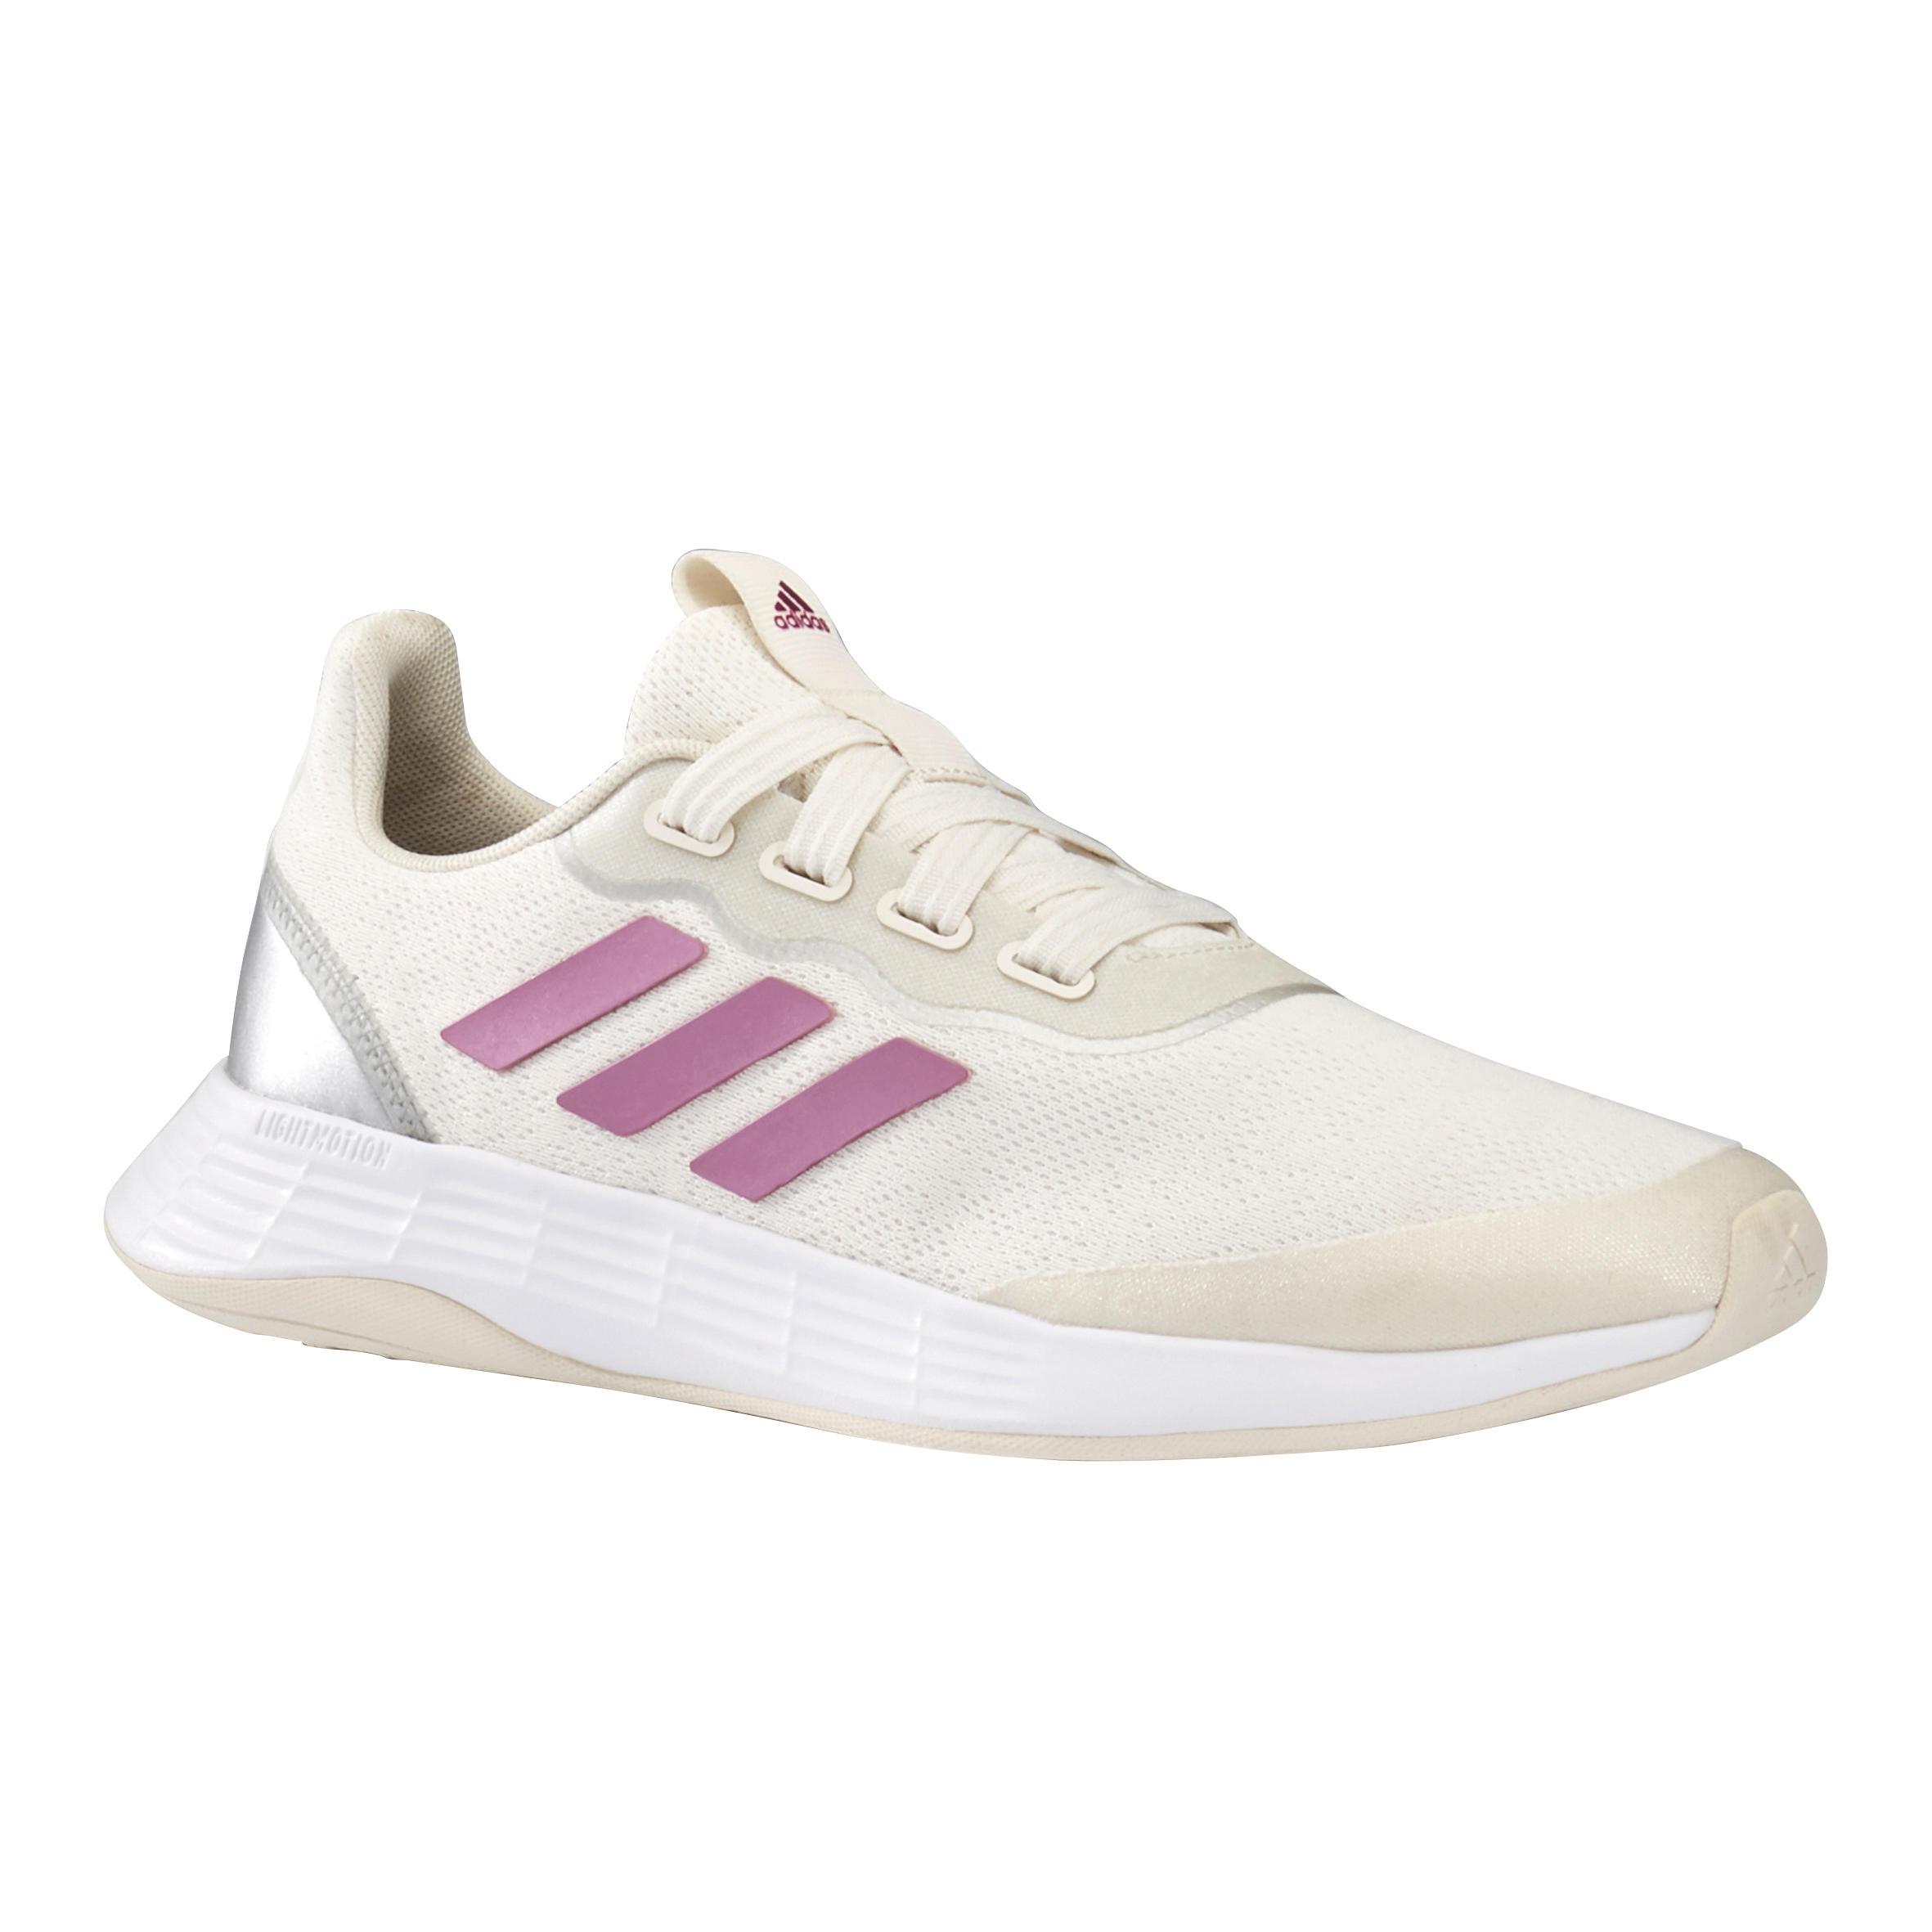 Încălțăminte Adidas Racer imagine